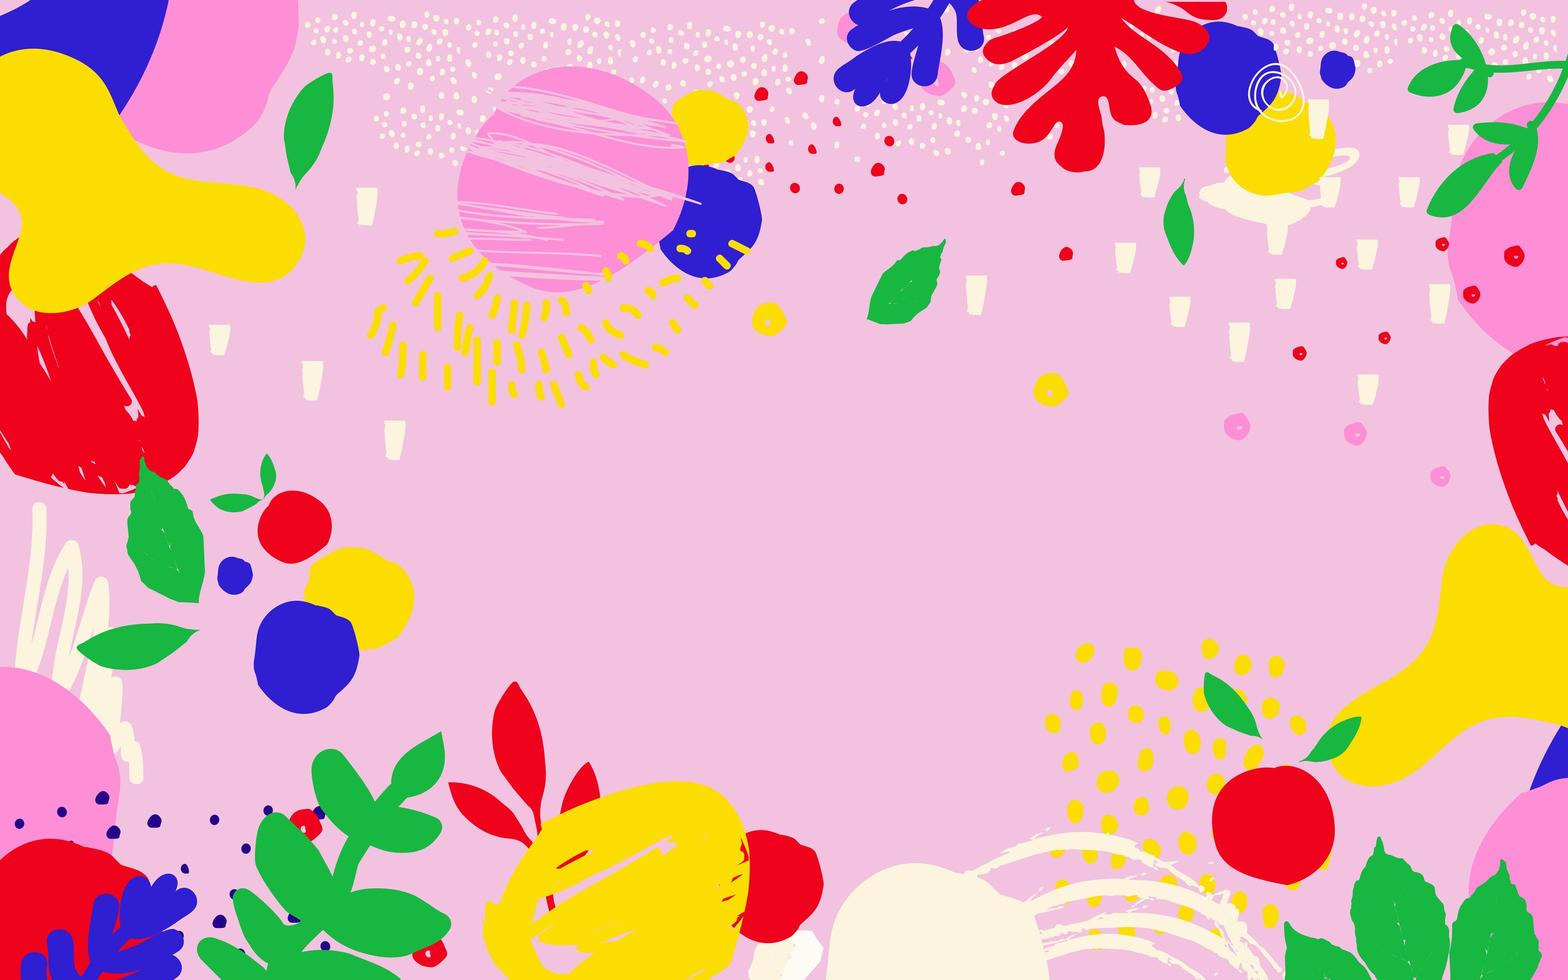 rosa Blätter und Blumen Poster Hintergrund vektor